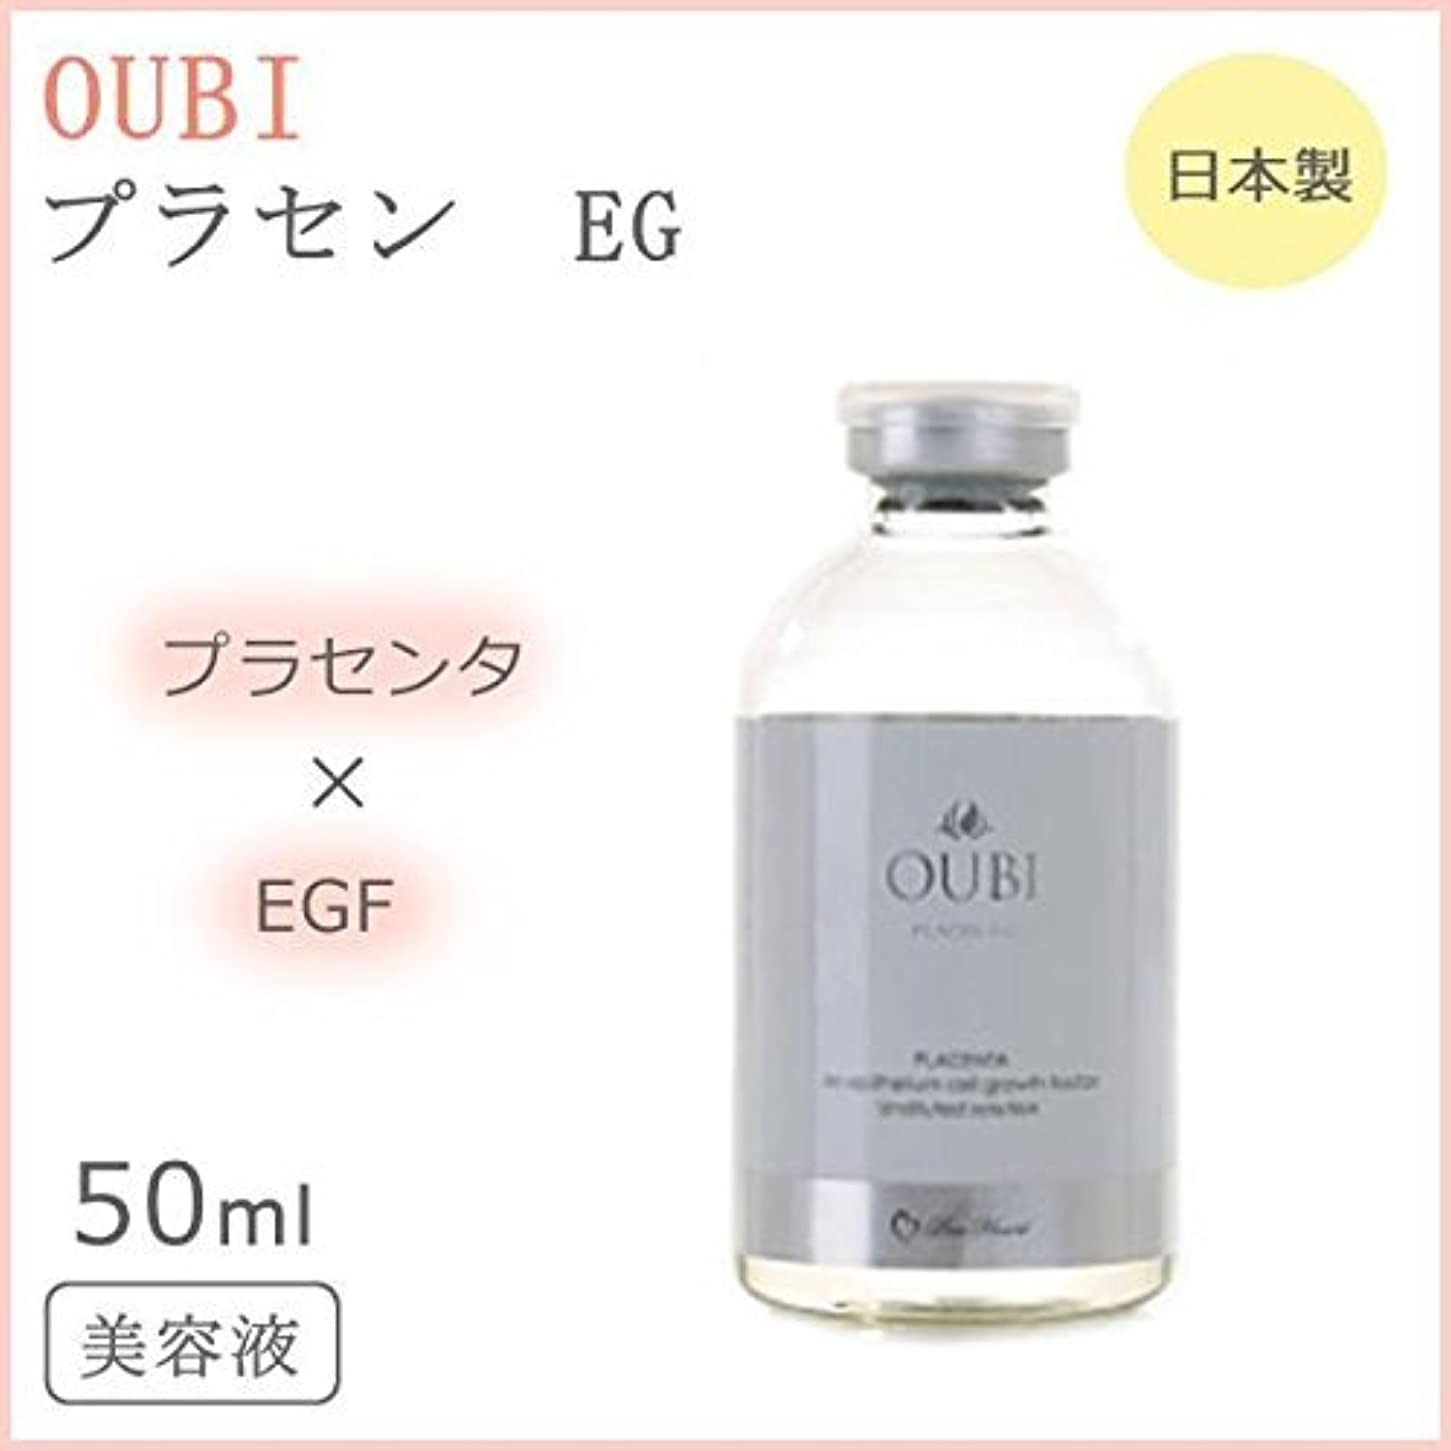 クック価格認知OUBIプラセンEG50ml